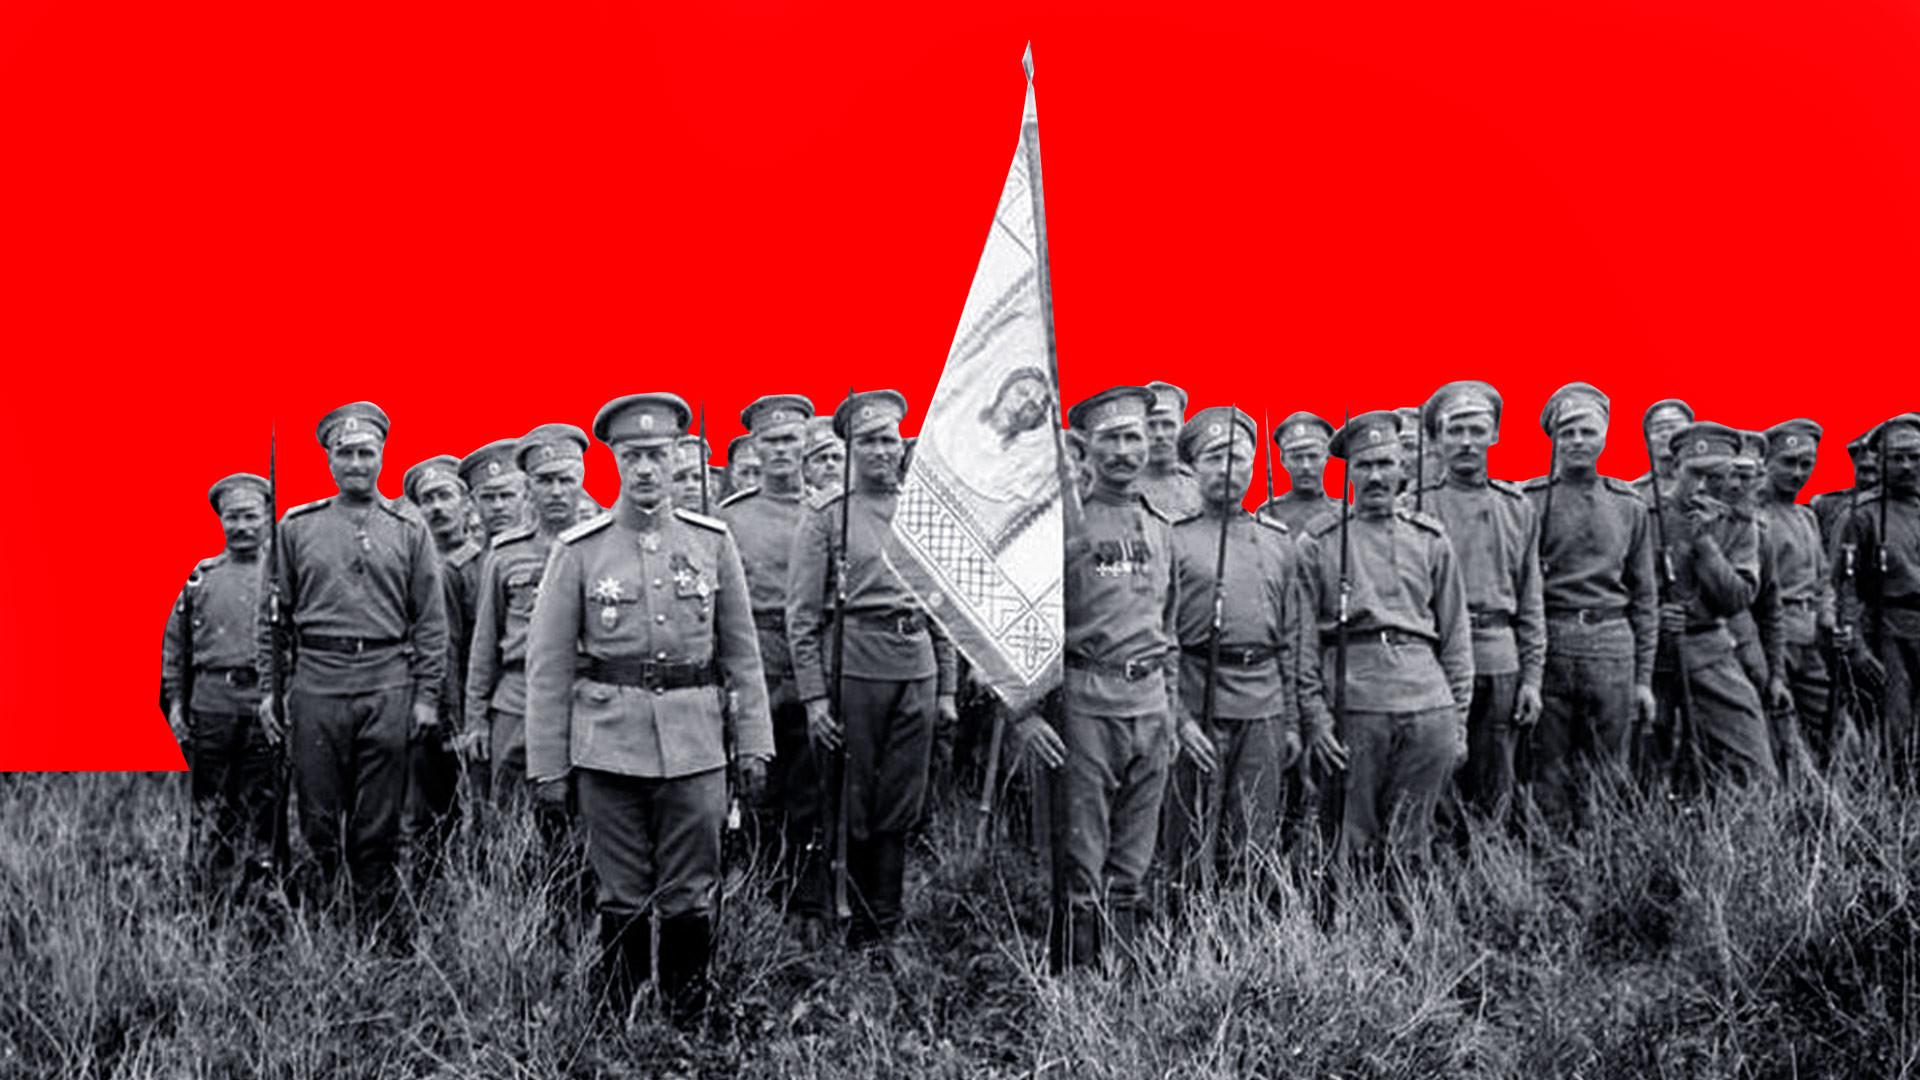 """<p>Русский Особый пехотный полк во Франции, на Западном фронте Первой мировой. Коллаж © LIFE. Фото © <a href=""""http://redstar.ru/nikto-ne-pridyot-nazad/"""" target=""""_self"""">Красная звезда</a></p>"""